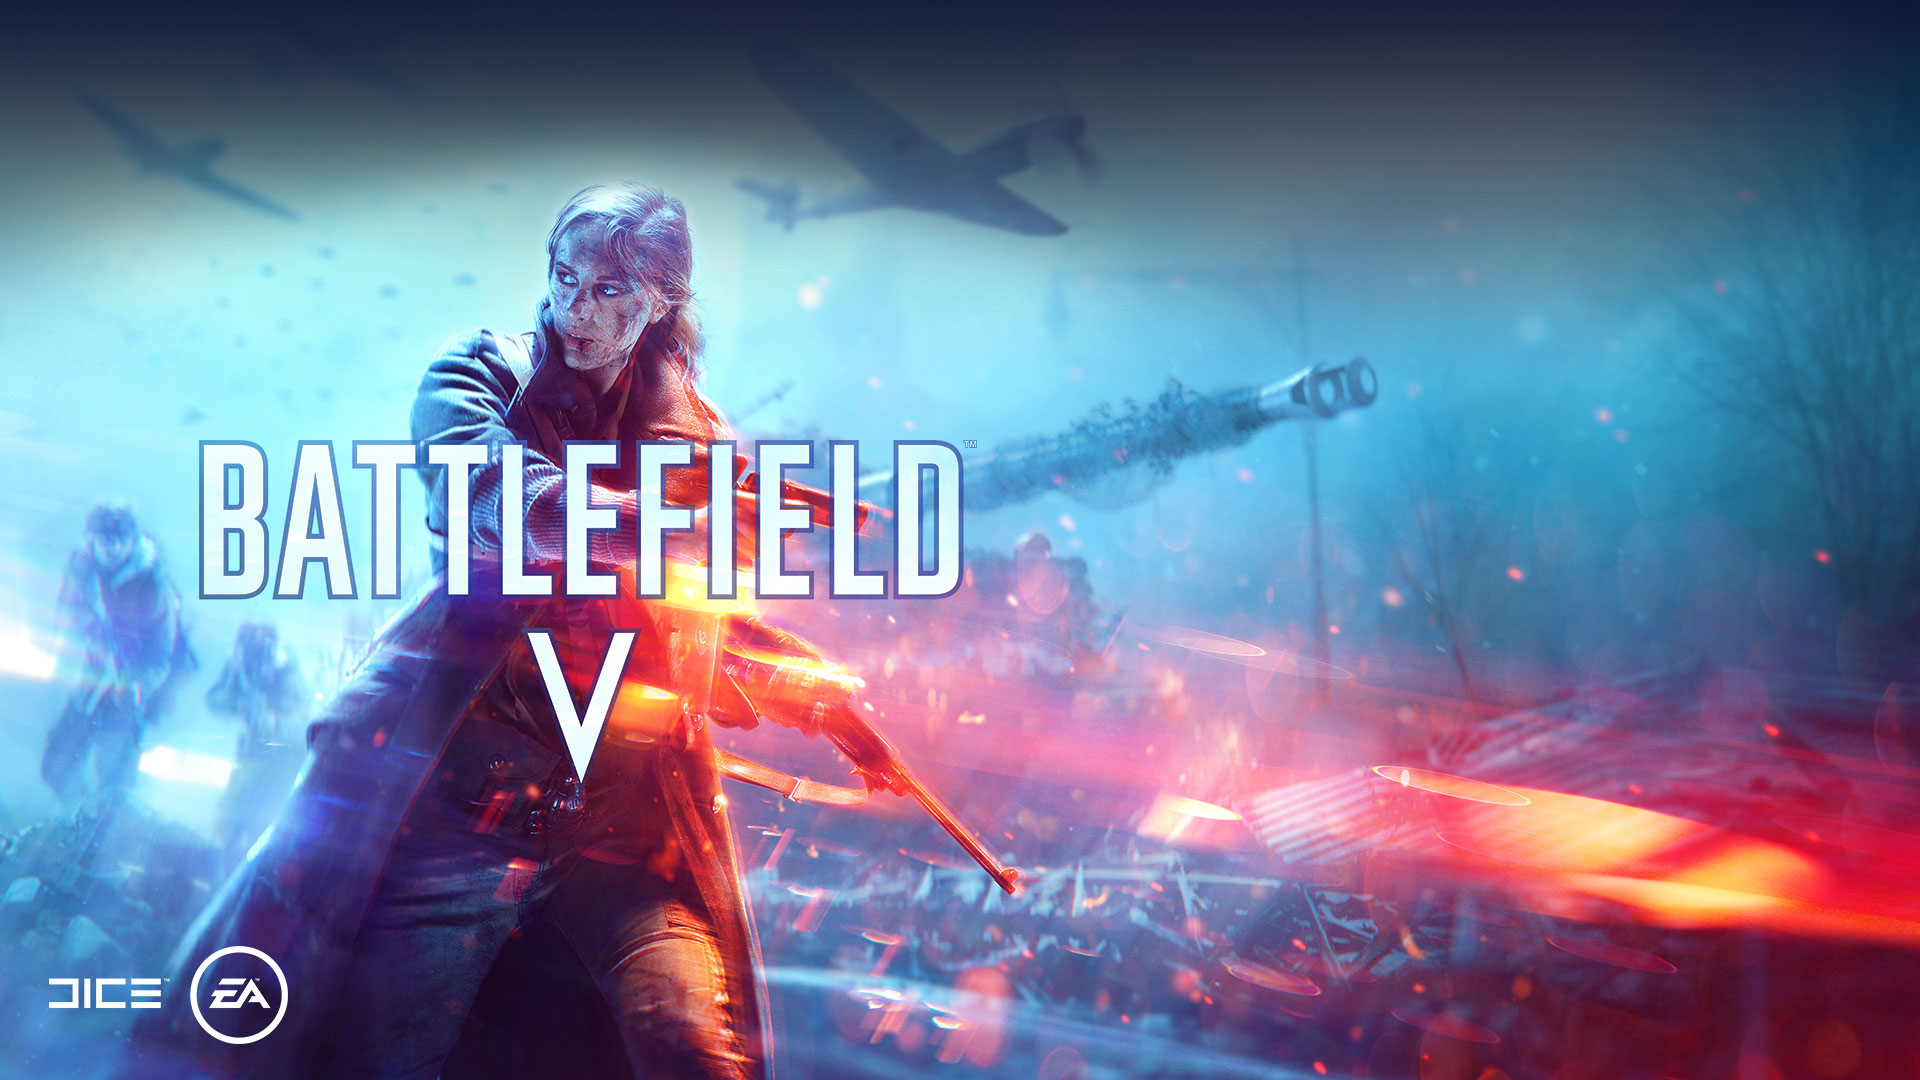 Battlefield V, Dice EA, Vorderansicht eines französischen Soldaten.